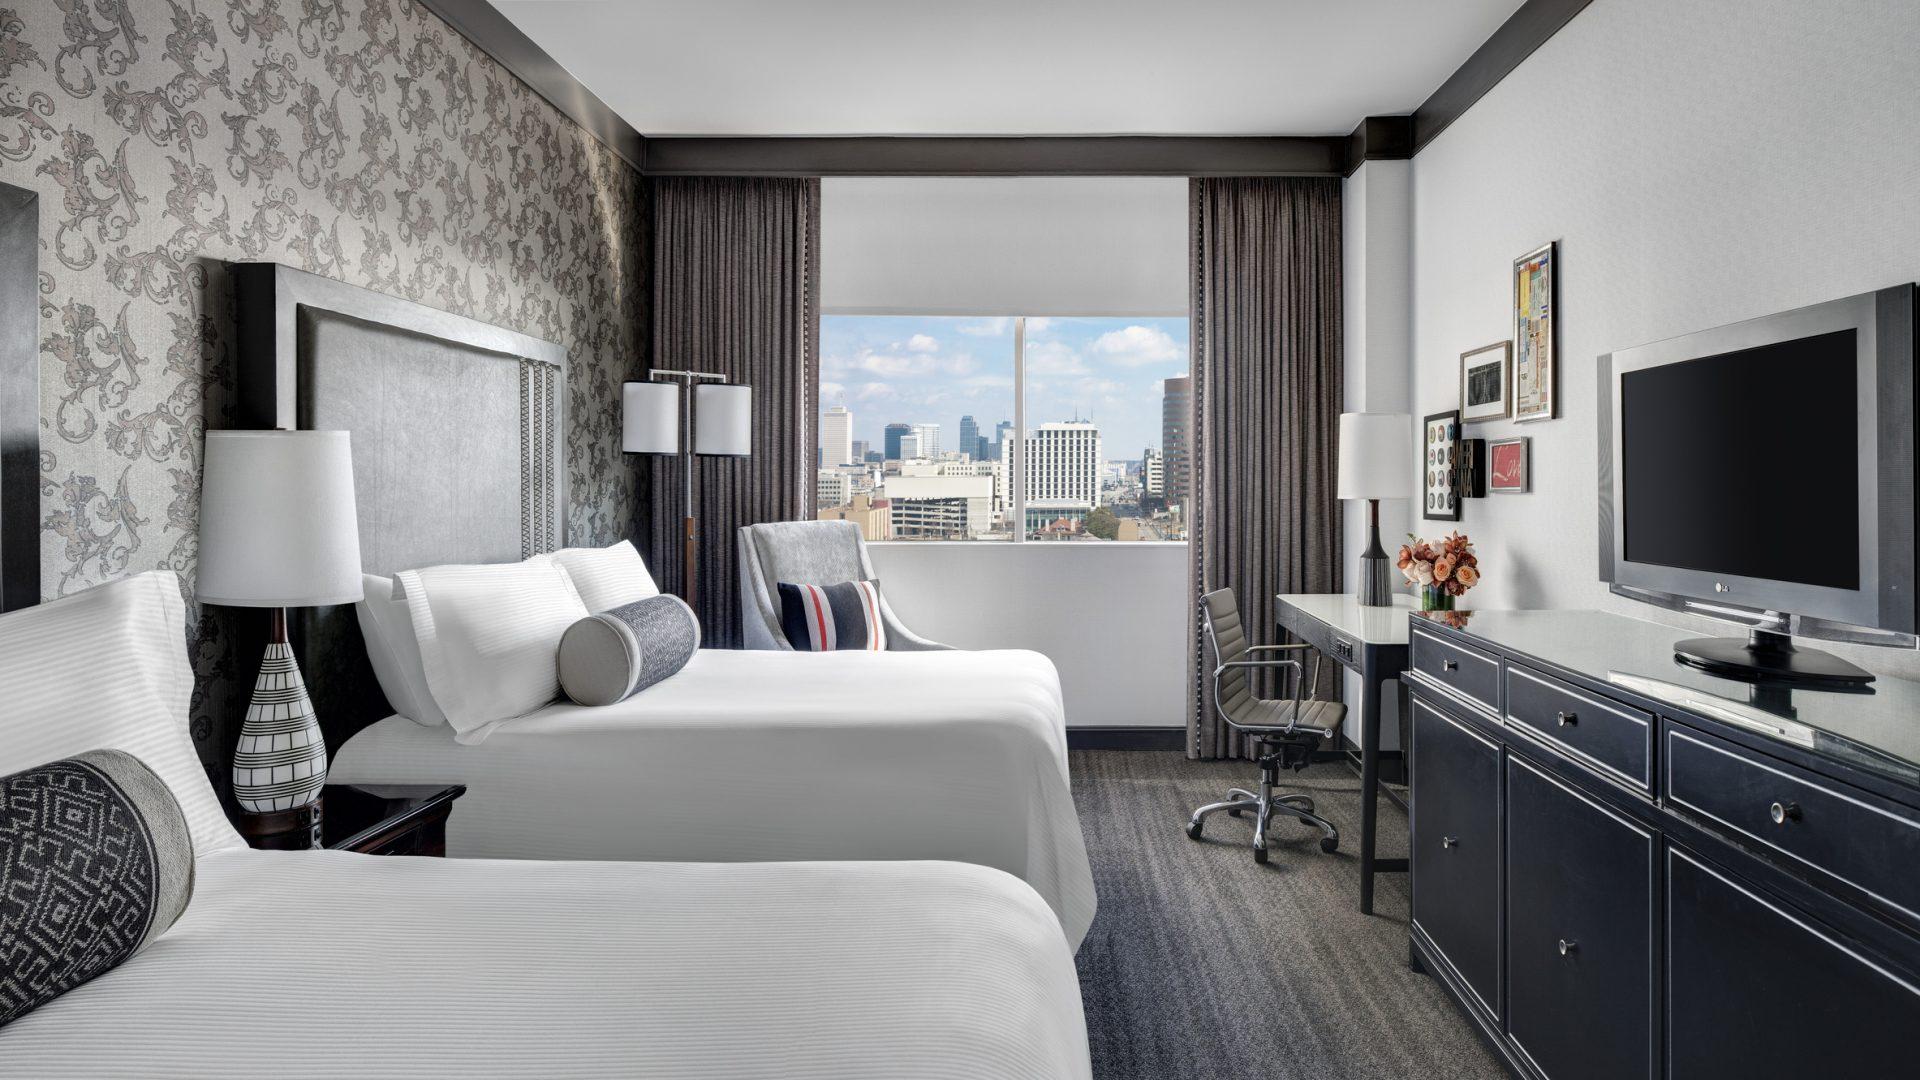 hotel rooms in nashville loews vanderbilt hotel. Black Bedroom Furniture Sets. Home Design Ideas